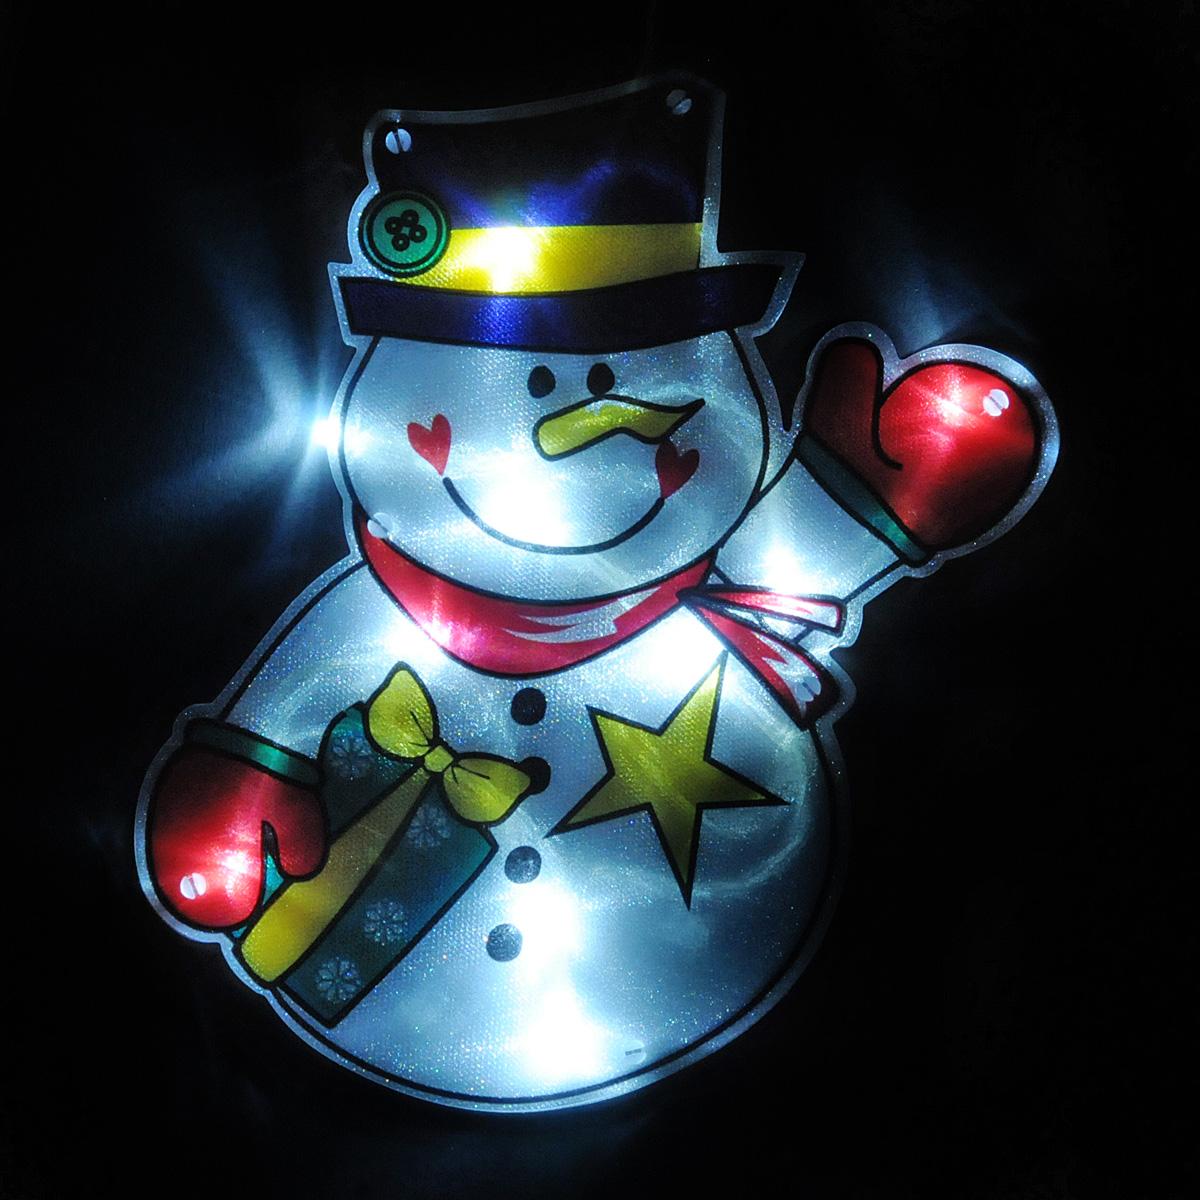 Светильник Lunten Ranta Снеговик, 17 см х 21 смLED-BP-2024-220V REDСветильник Lunten Ranta Снеговик выполнен из высококачественного пластика. Особенностью данной фигурки является наличие светодиодного устройства, благодаря которому украшение светится. Светильник оснащен силиконовой присоской для крепления к стеклу.Такой оригинальный светильник оформит интерьер вашего дома или офиса в преддверии Нового года. Оригинальный дизайн и красочное исполнение создадут праздничное настроение. Кроме того, это отличный вариант подарка для ваших близких и друзей.УВАЖАЕМЫЕ КЛИЕНТЫ!Светильник работает от 3-х батареек типа ААА. Батарейки не входят в комплект.